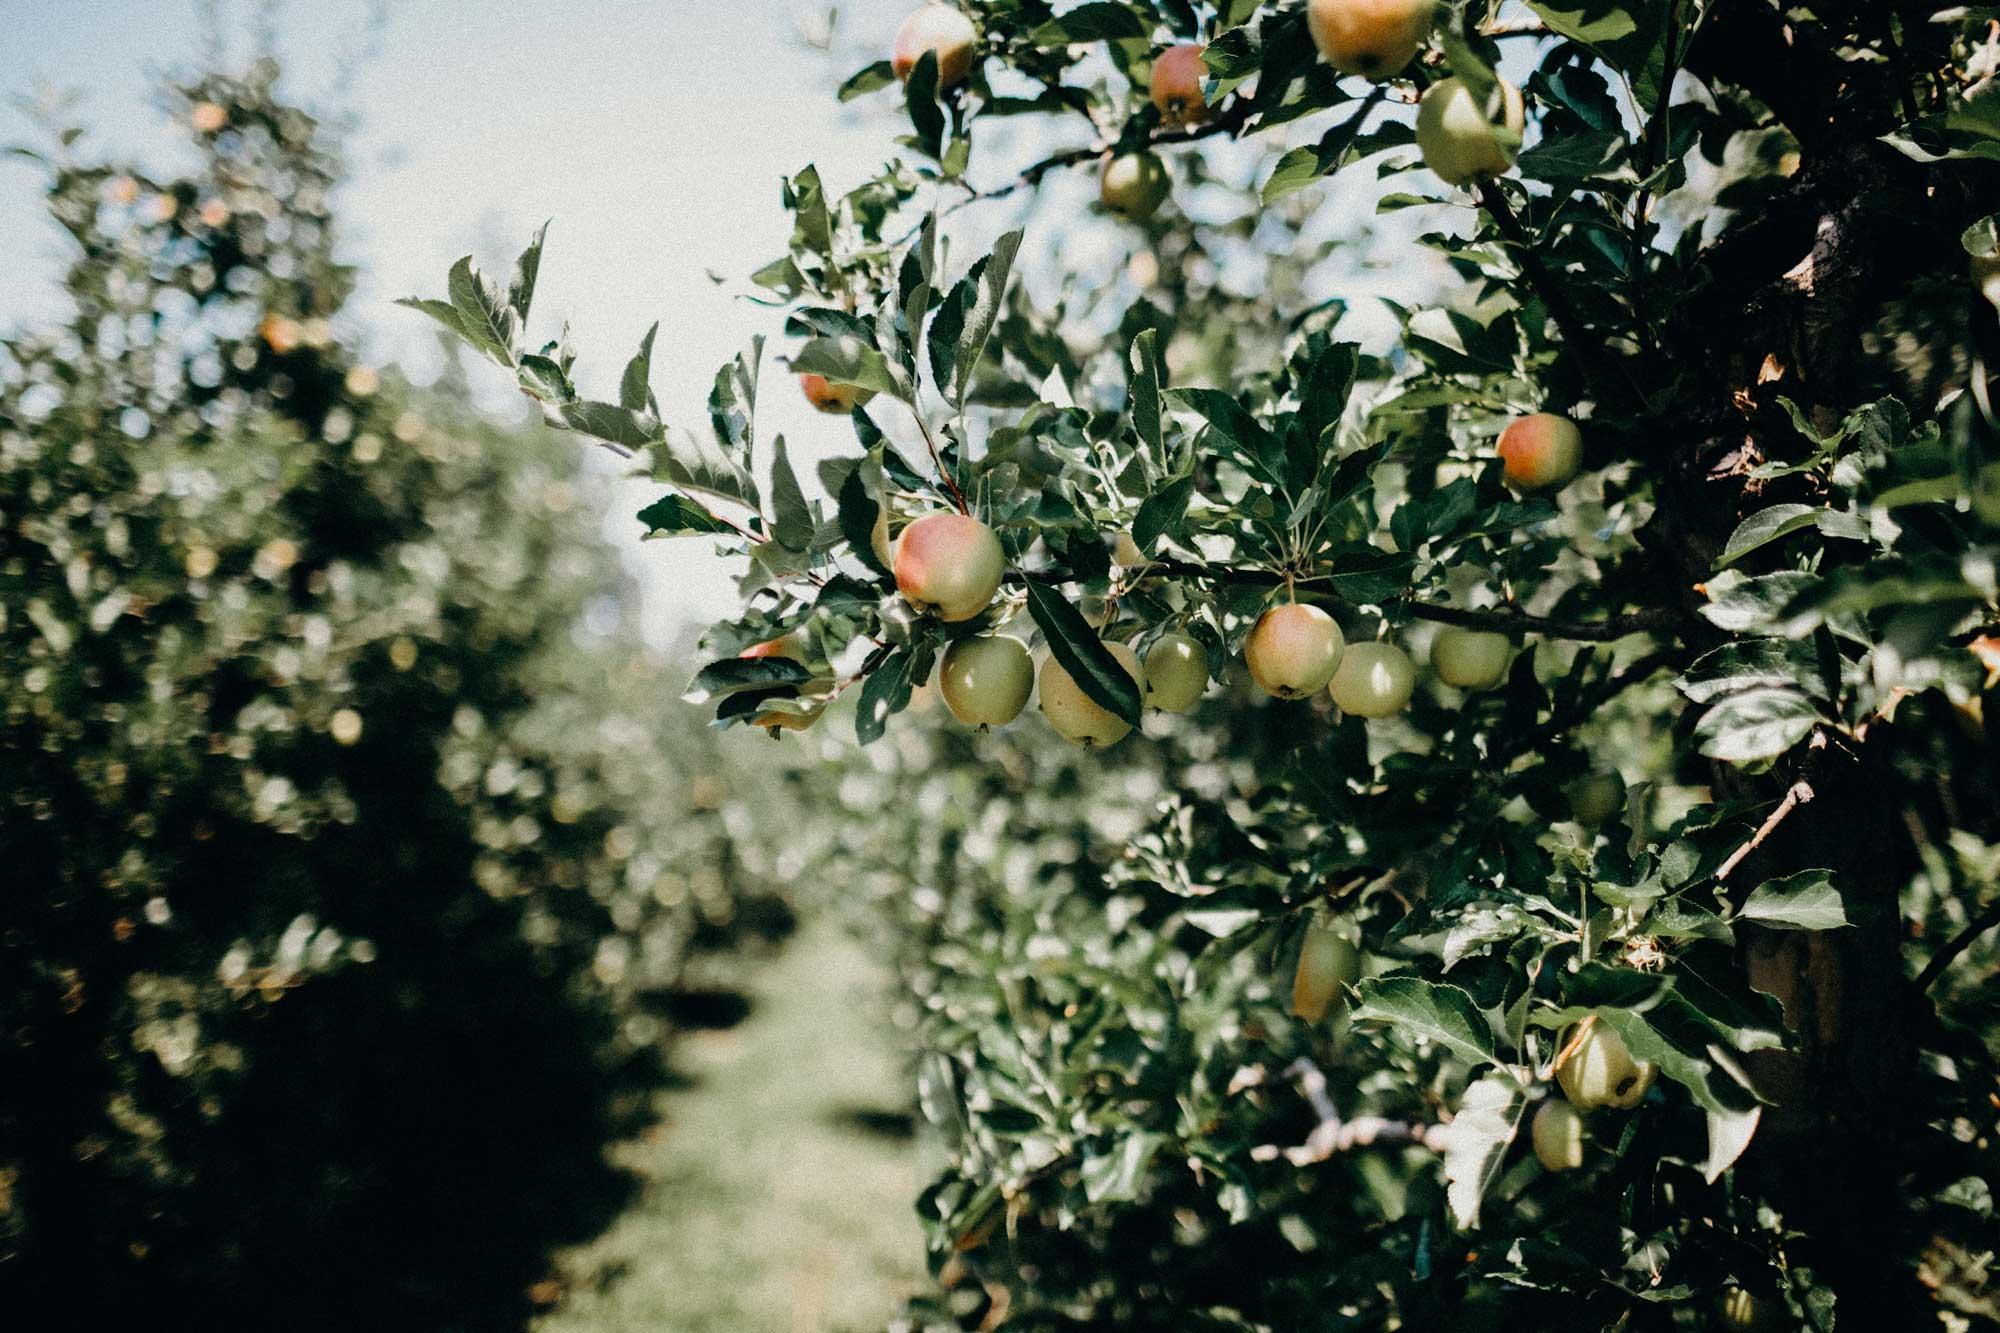 Apfelbaum auf einer Obstplantage